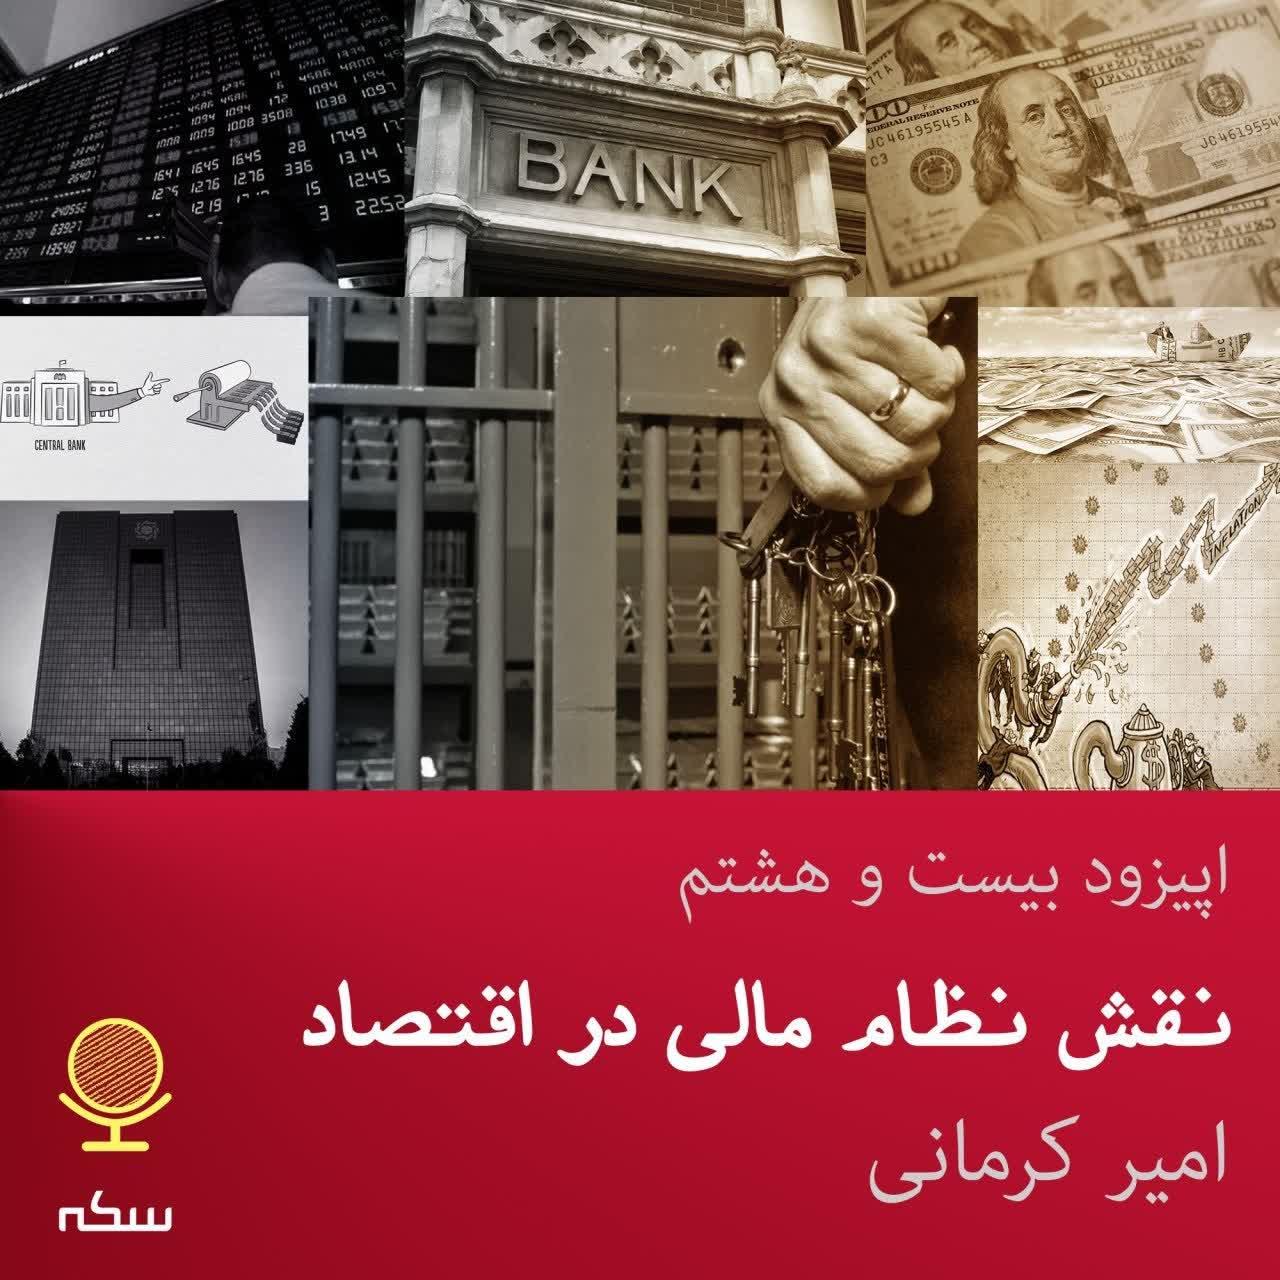 نظام مالی چه نقشی در اقتصاد بازی میکند؟